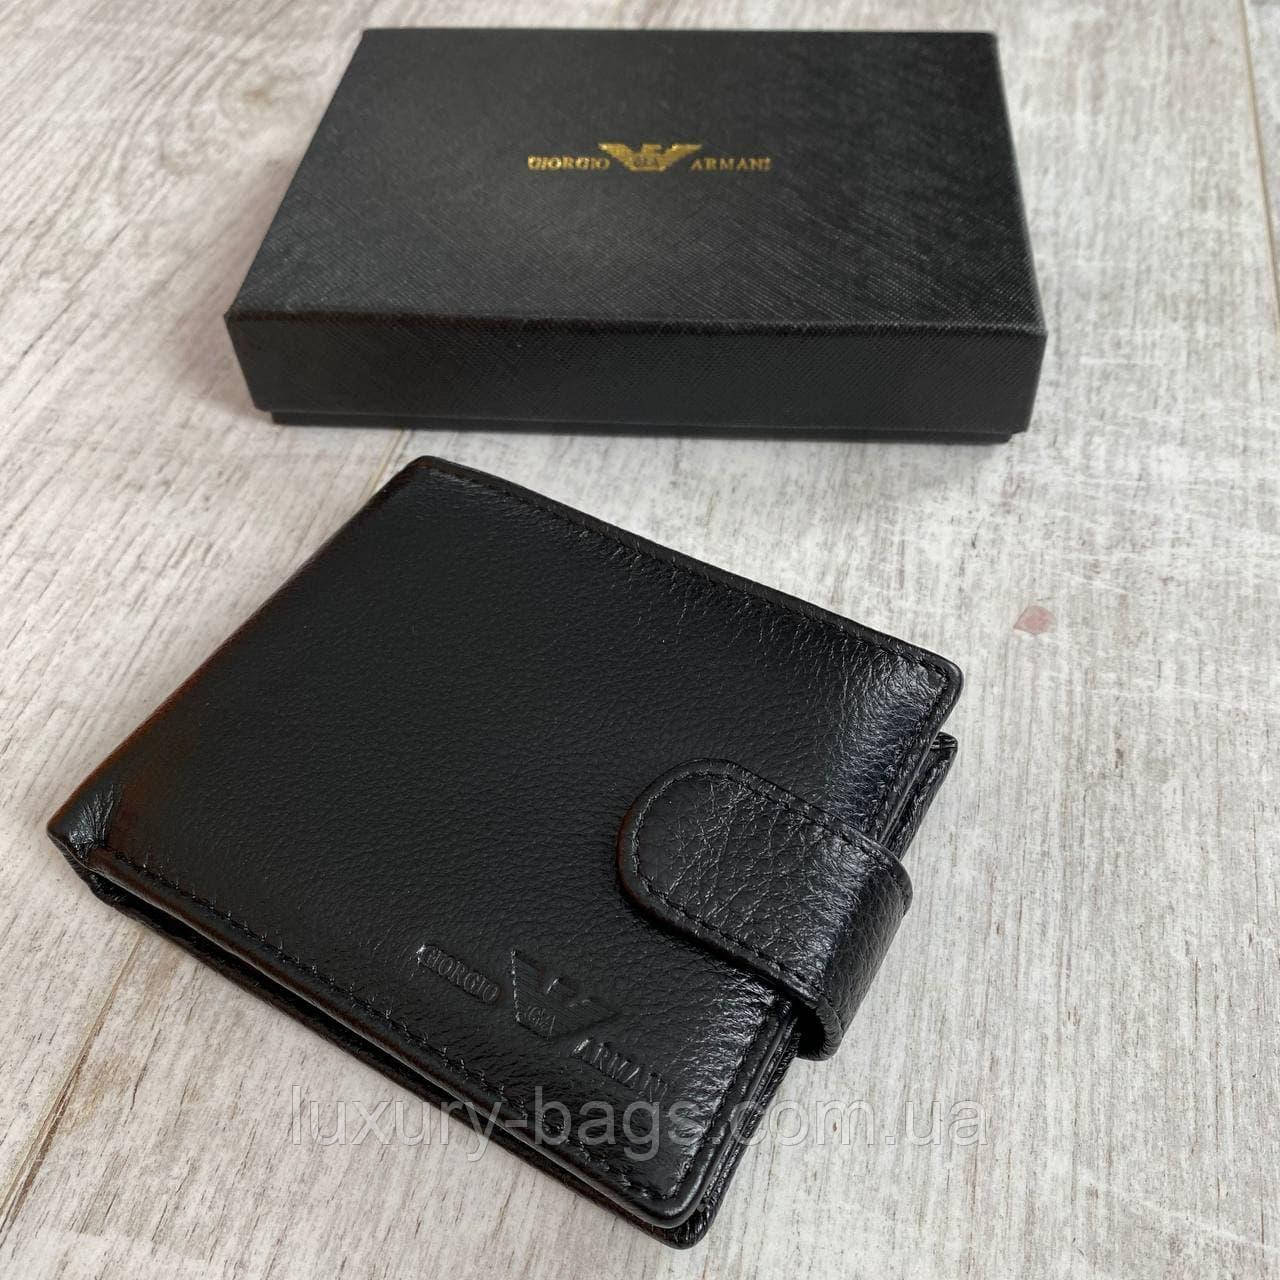 Чоловічий шкіряний гаманець Armani преміум якість